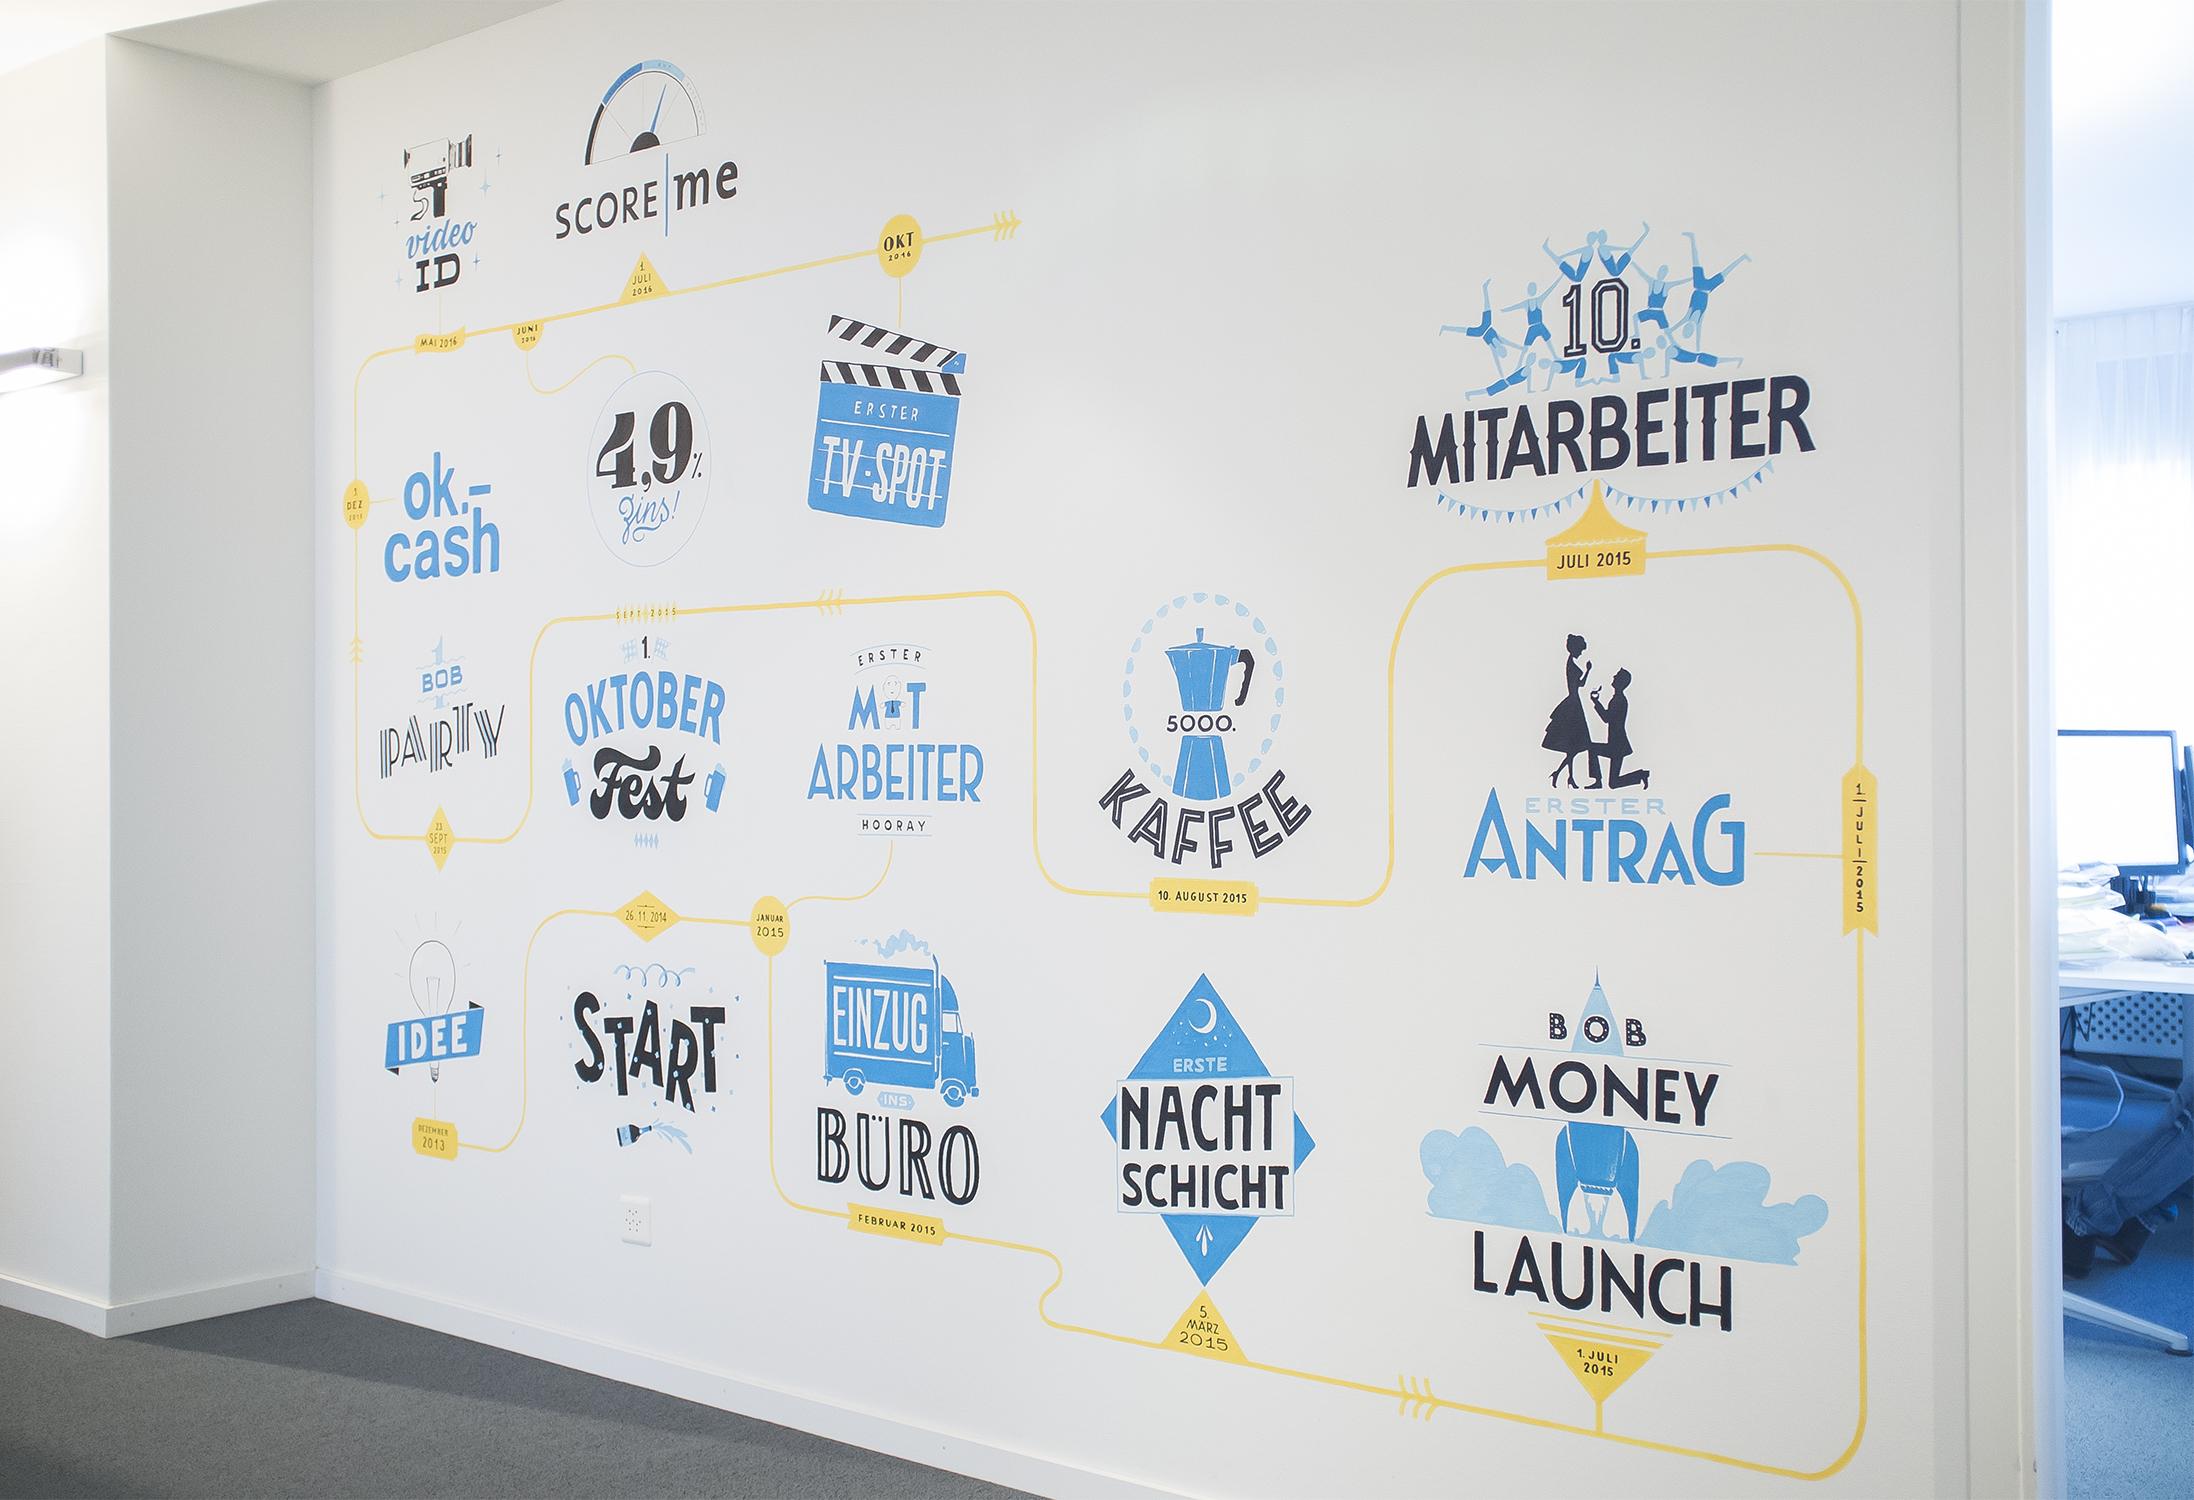 bob Finance office mural, Kreidetafel, Schriftenmalerei, Wandbeschriftung, hand gemalt, Tafelbeschriftung, Tafelmaler